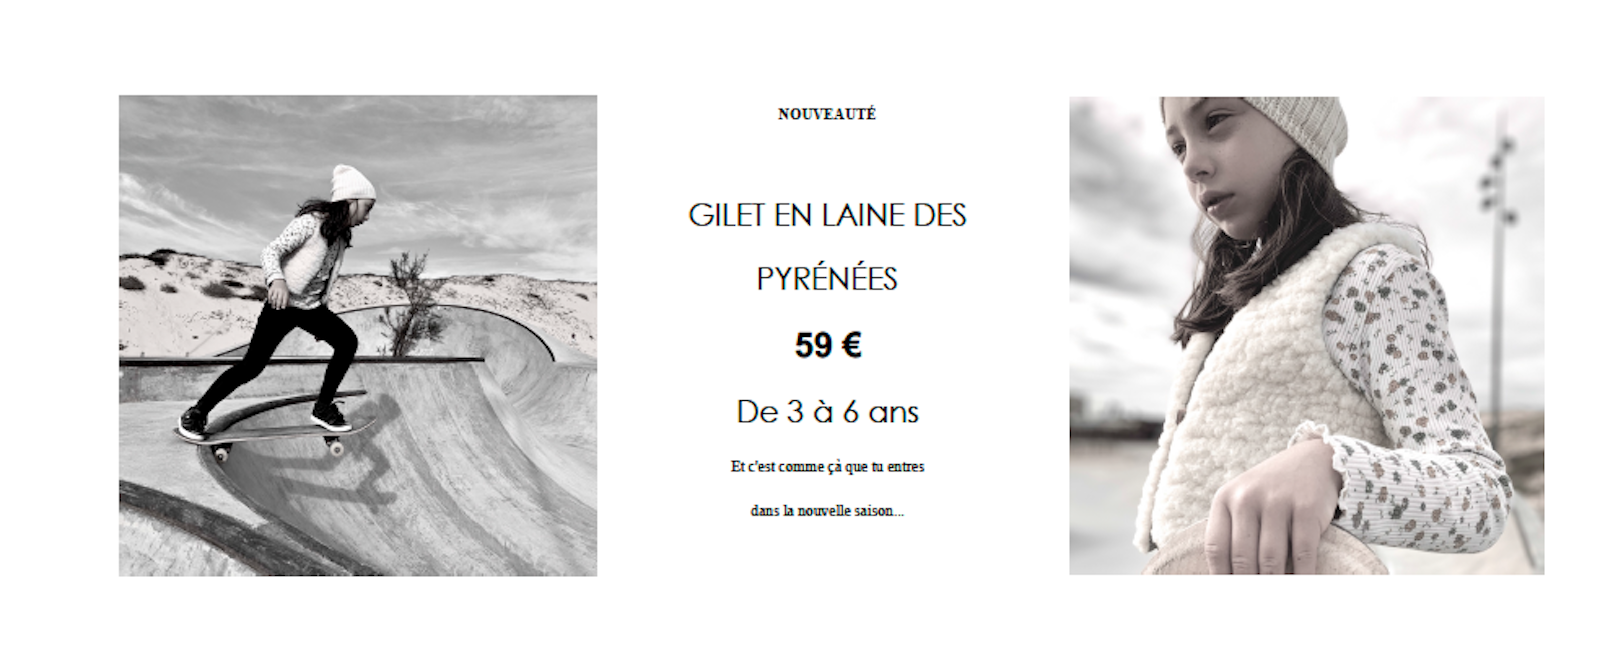 Gilet enfant en laine des Pyrénées